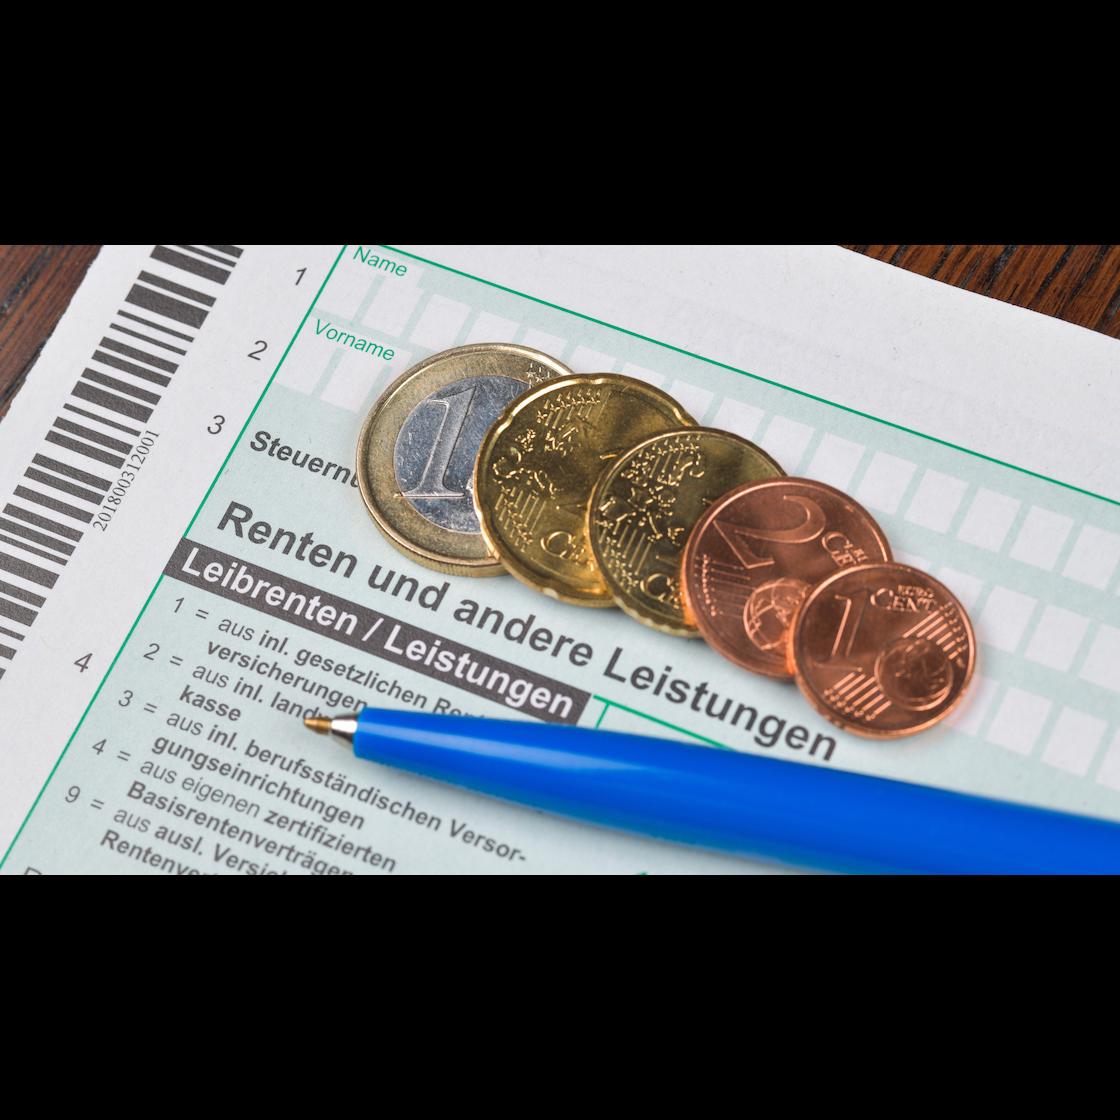 Steuererklärung für Rentner - alle Infos | FOCUS.de